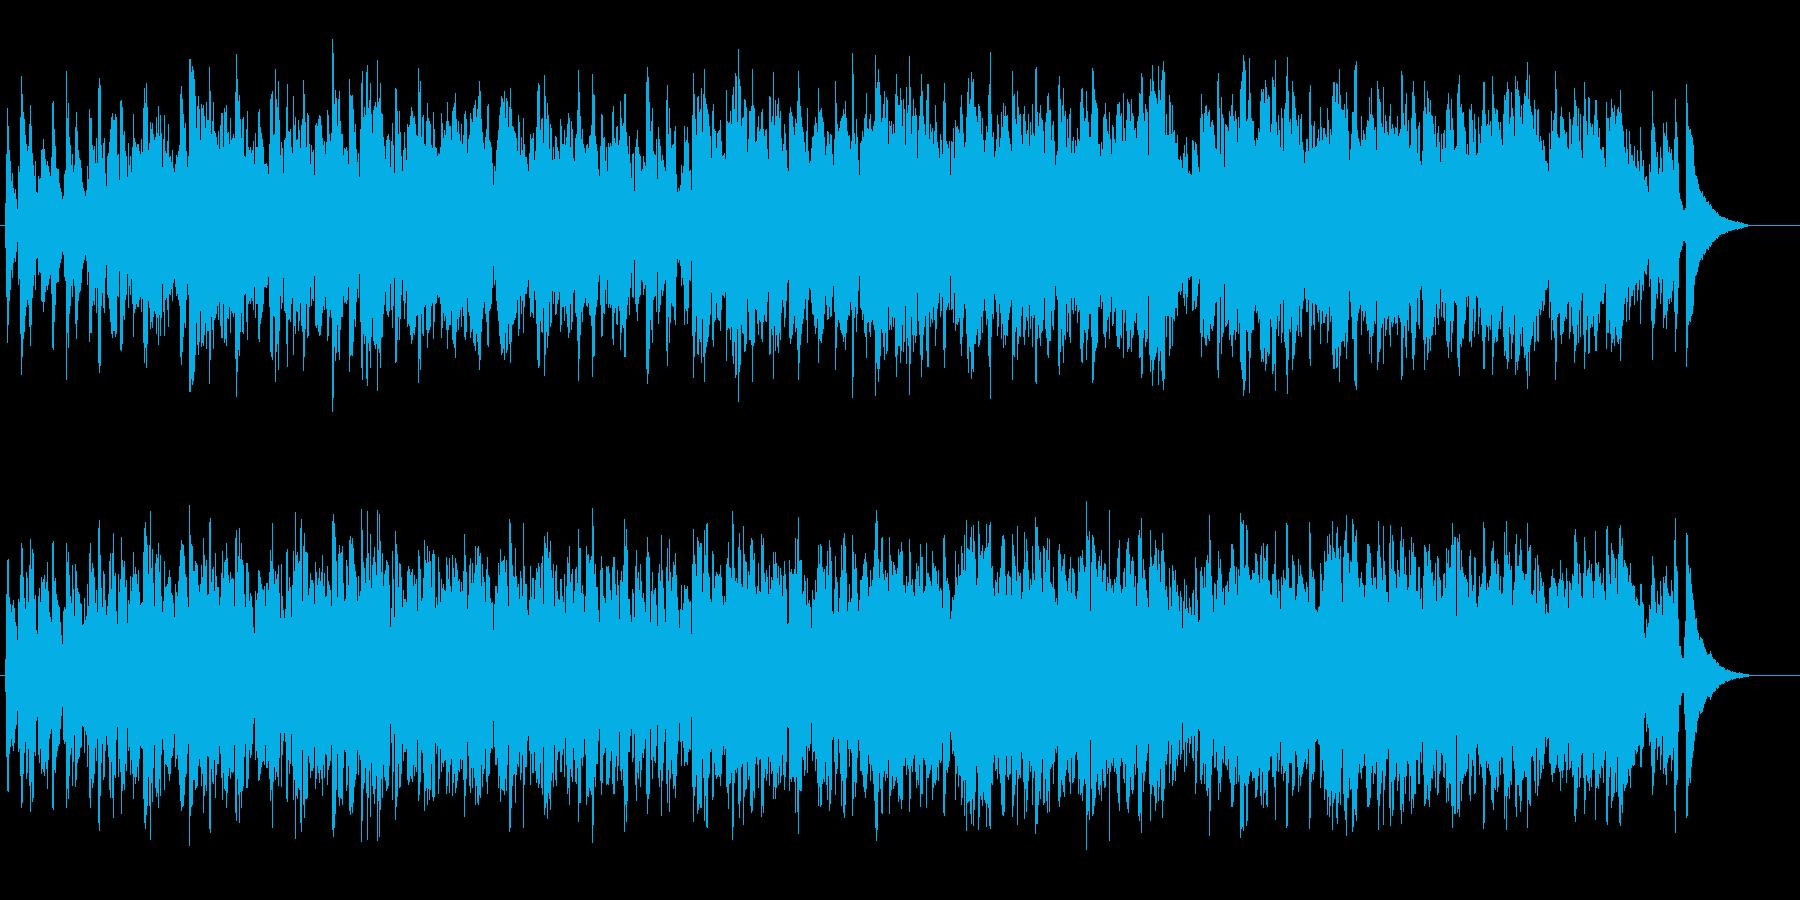 リゾート感覚のボサノバ風ポップスの再生済みの波形